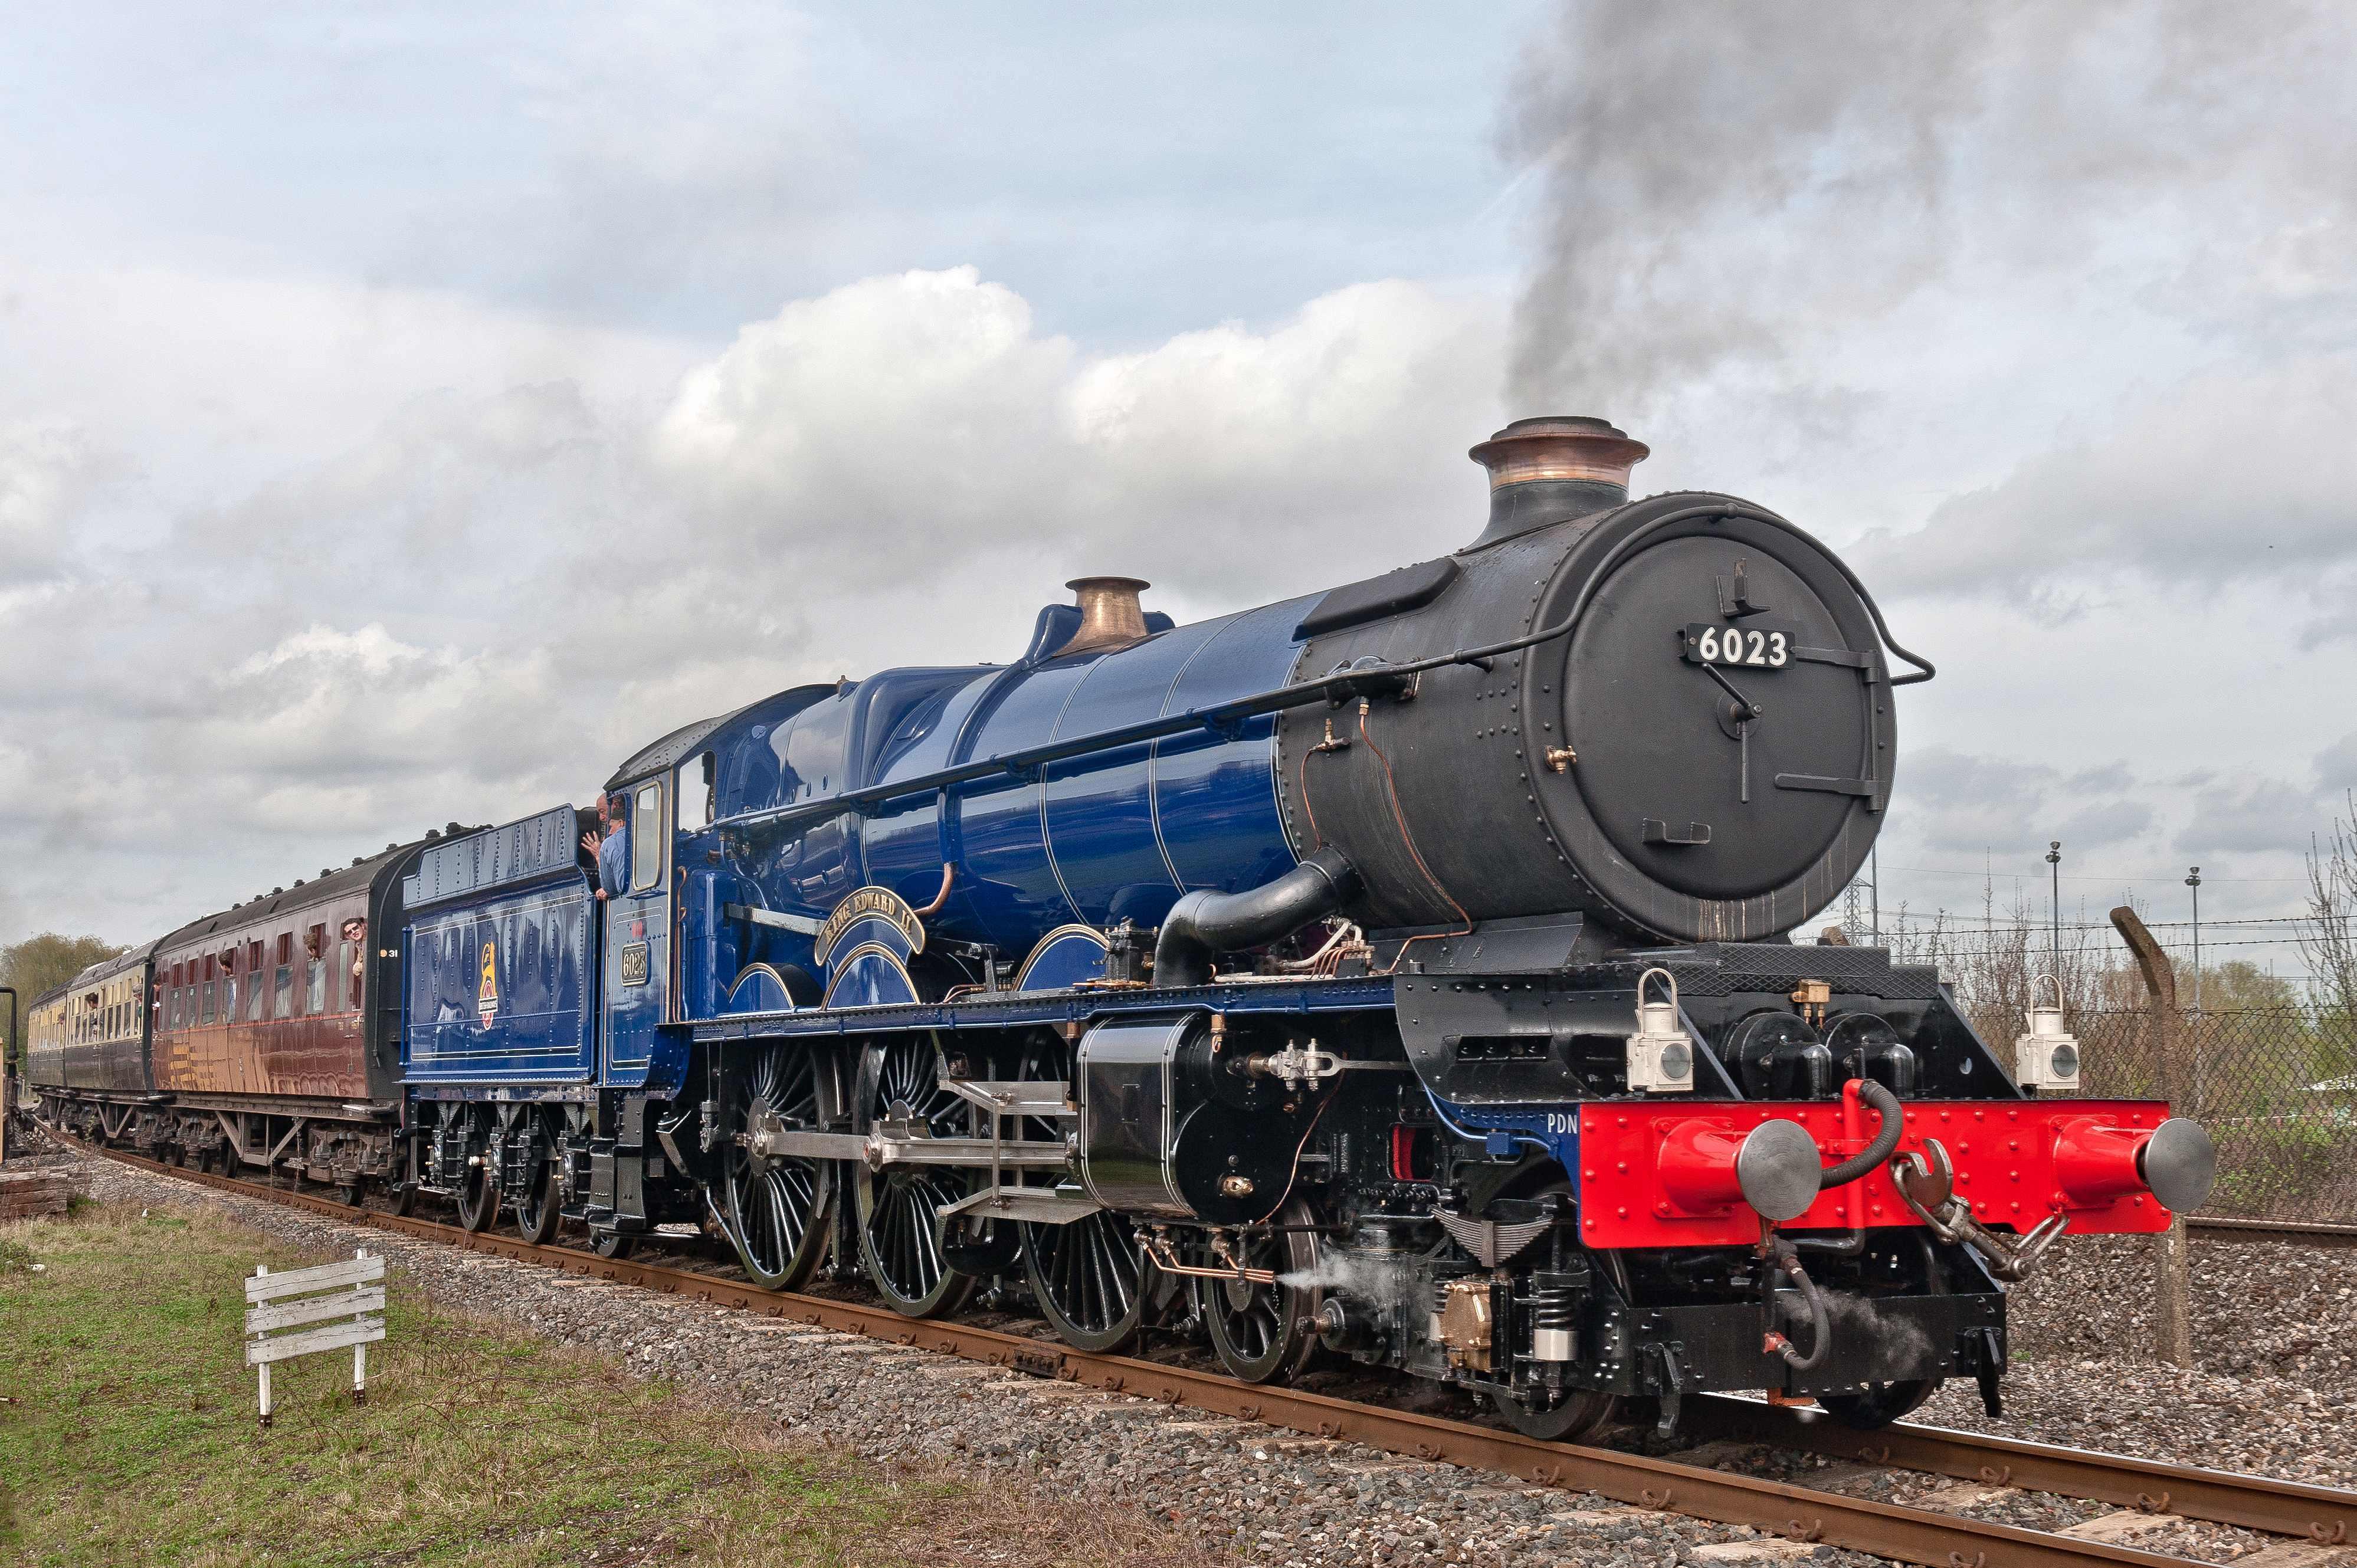 steam train videos - HD3995×2658